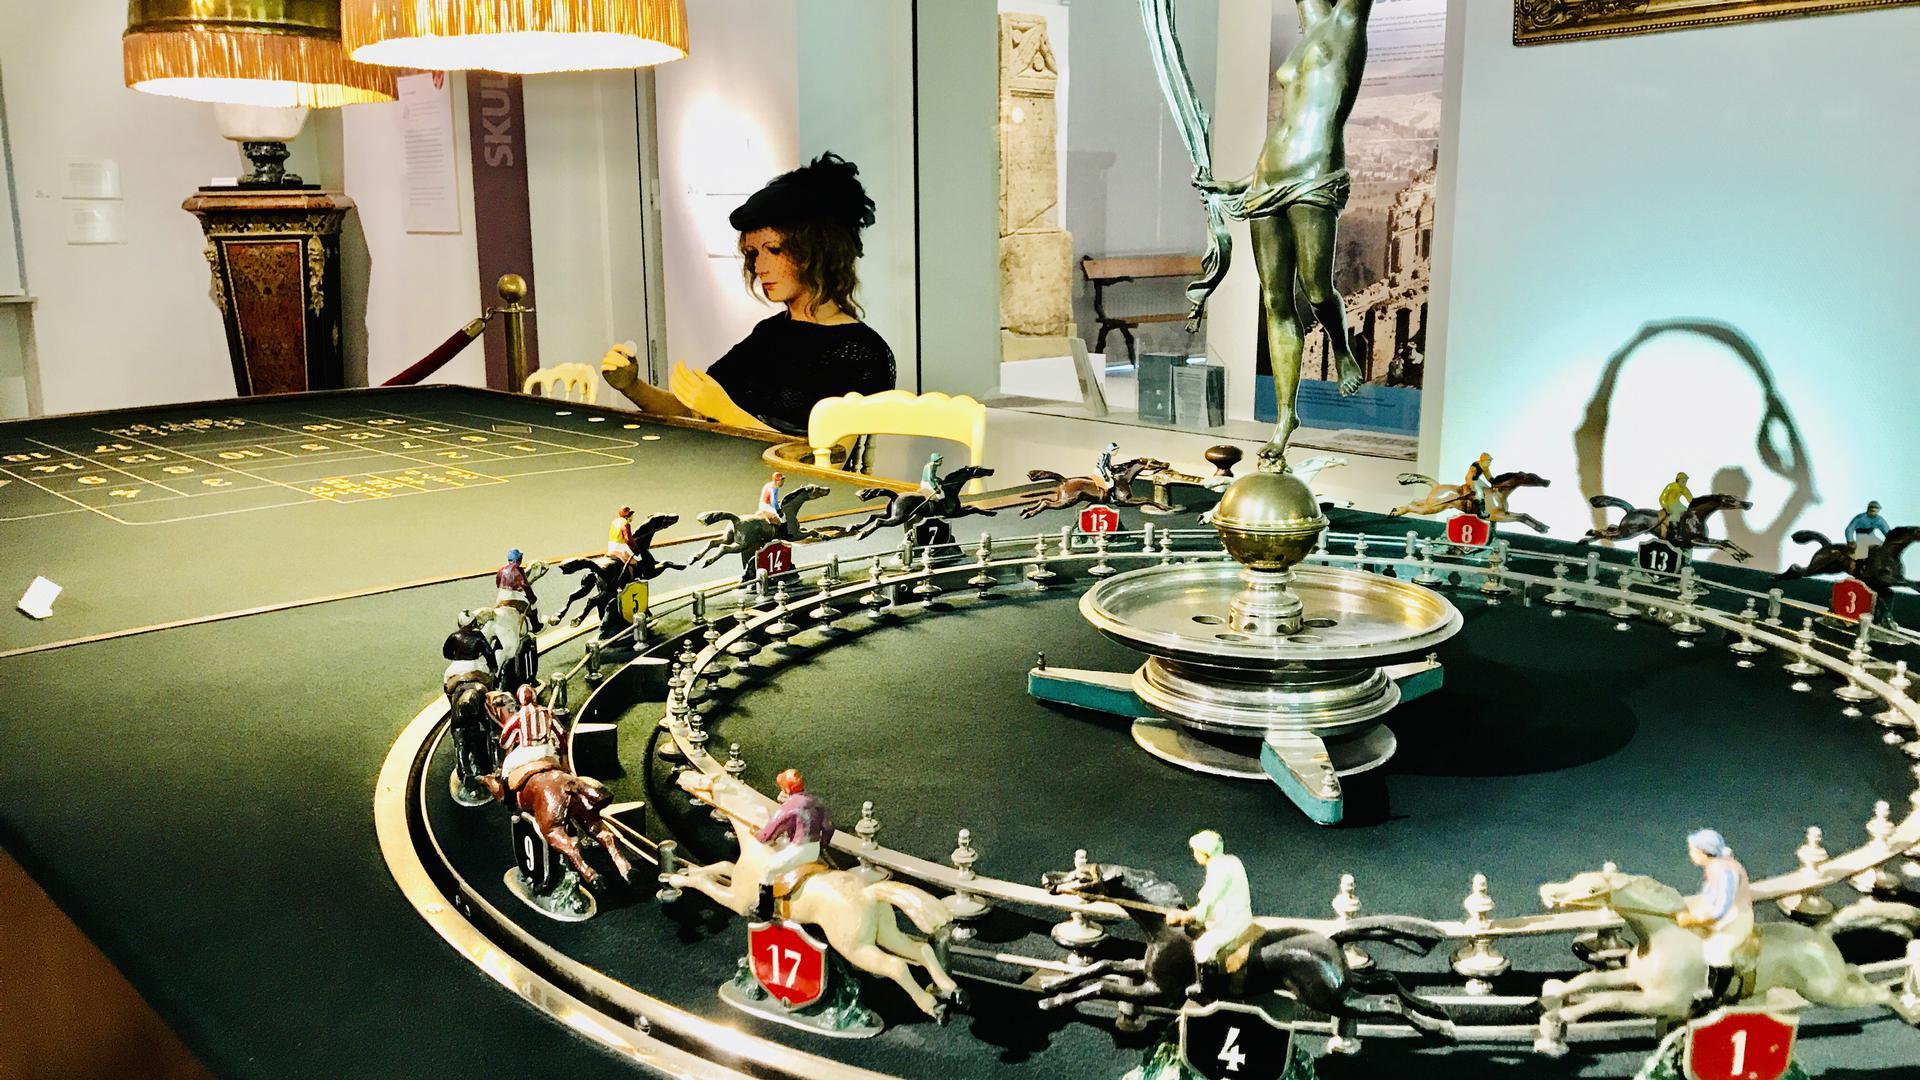 Ein Schmuckstück im Stadtmuseum: der Roulettetisch aus dem Casino Baden-Baden.  Das wertvolle Exponat stammt aus der Zeit um 1920 und wurde in Paris gefertigt.